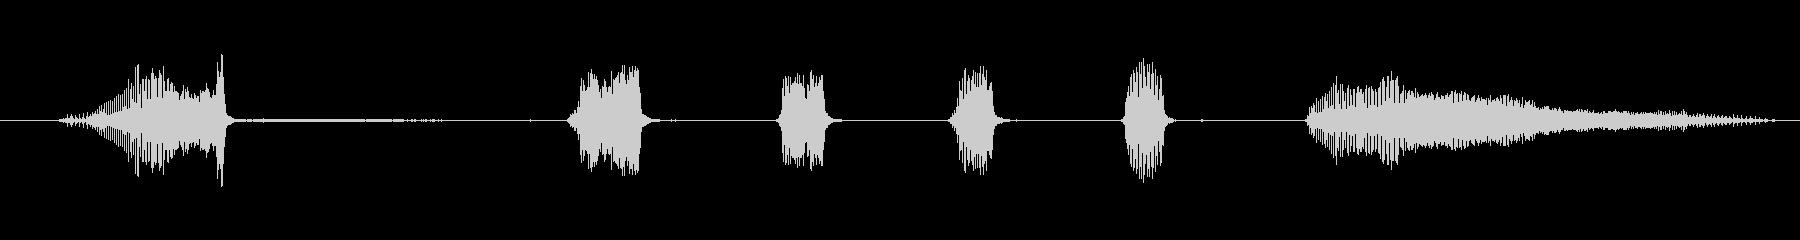 鳴き声 カズー笑い04の未再生の波形